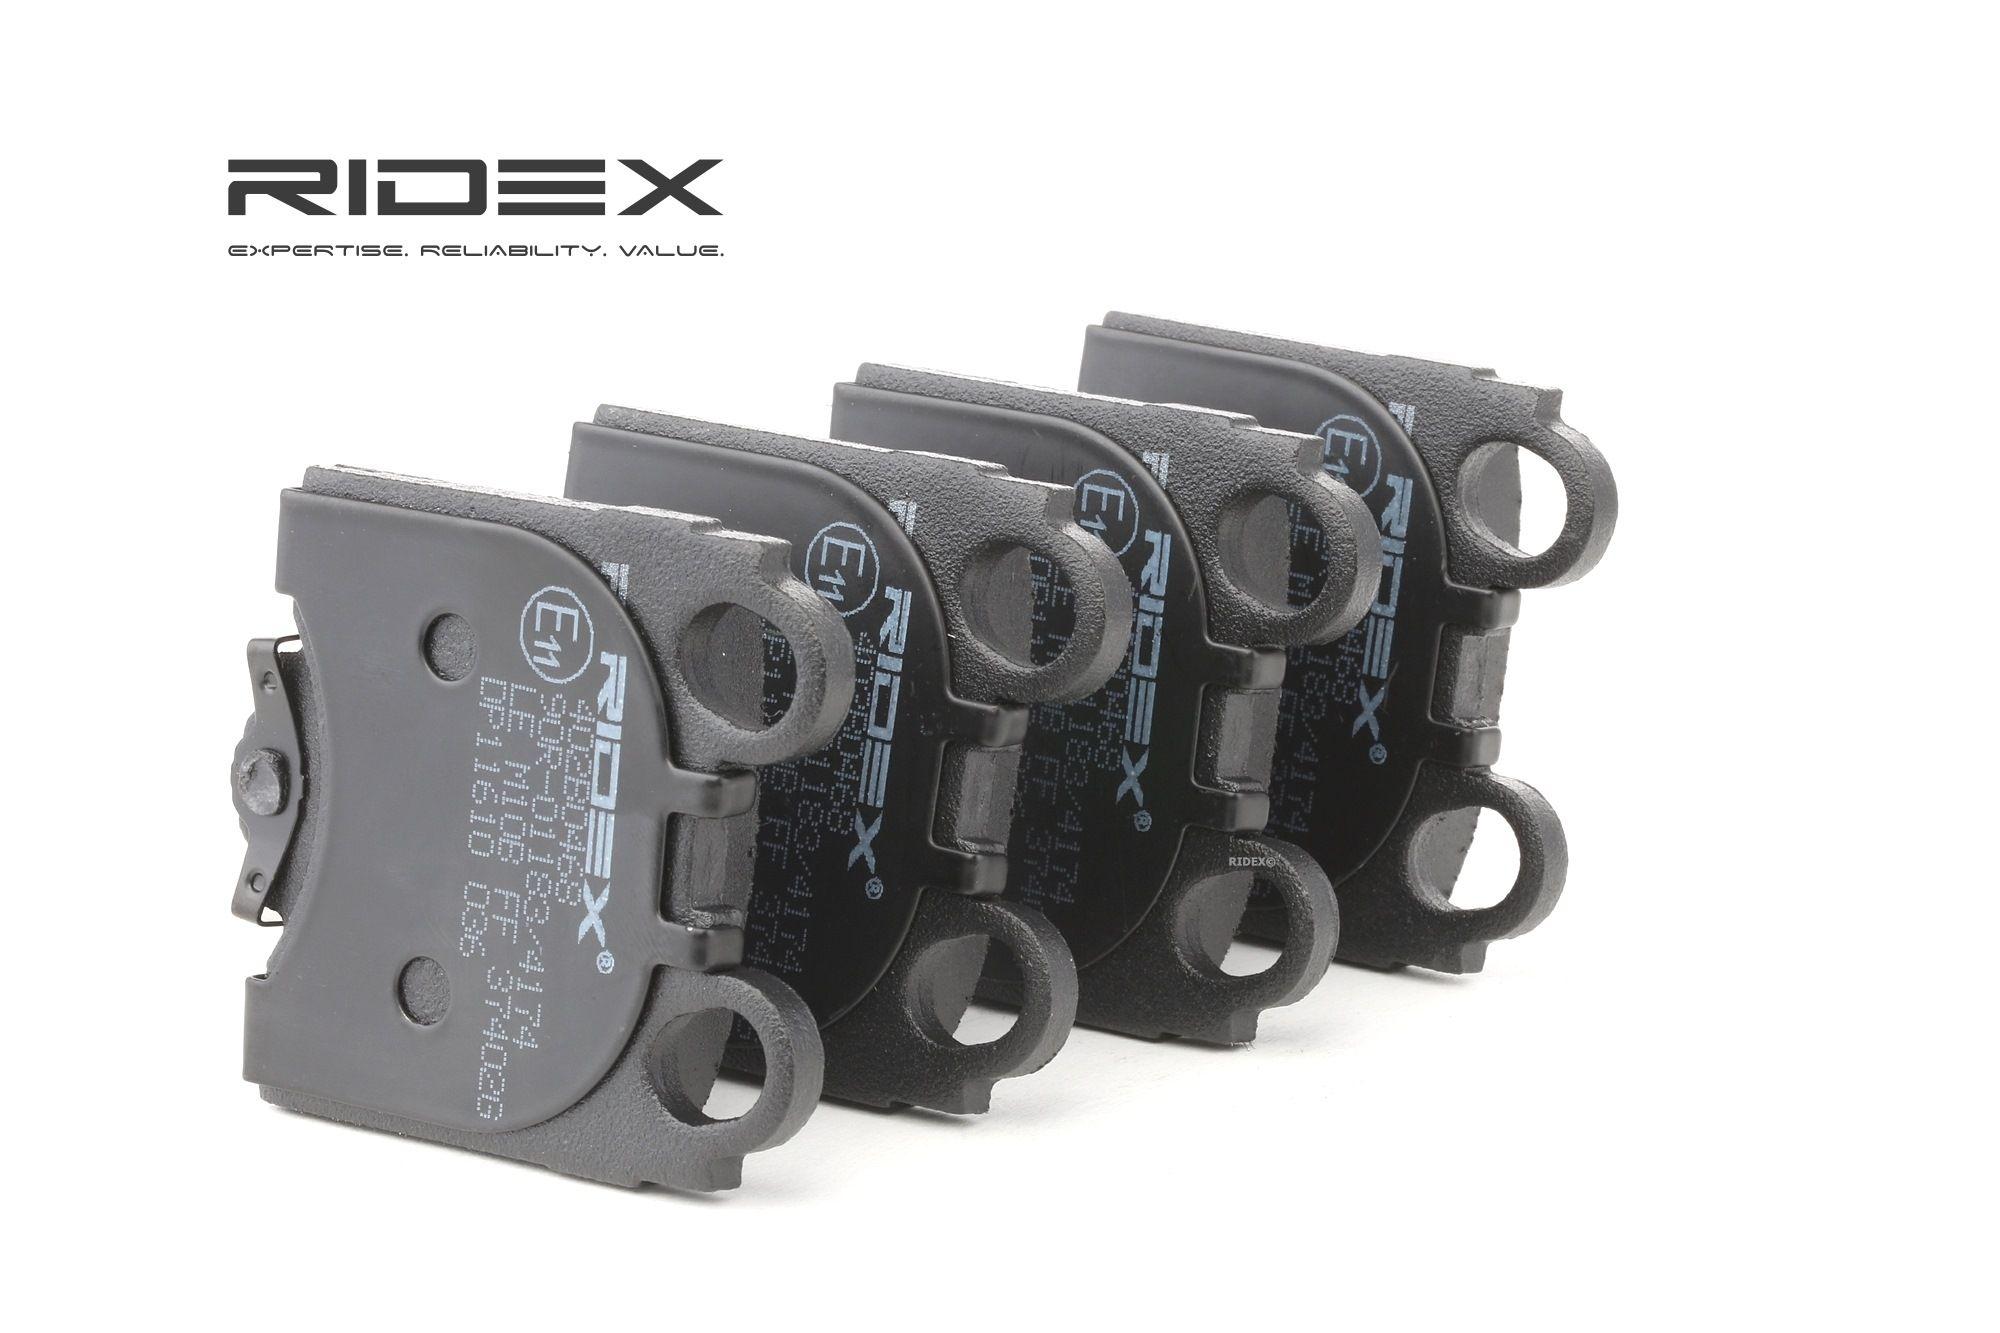 LEXUS IS 2020 Bremsbelagsatz - Original RIDEX 402B0468 Höhe: 63,6mm, Breite: 57,2mm, Dicke/Stärke: 15mm